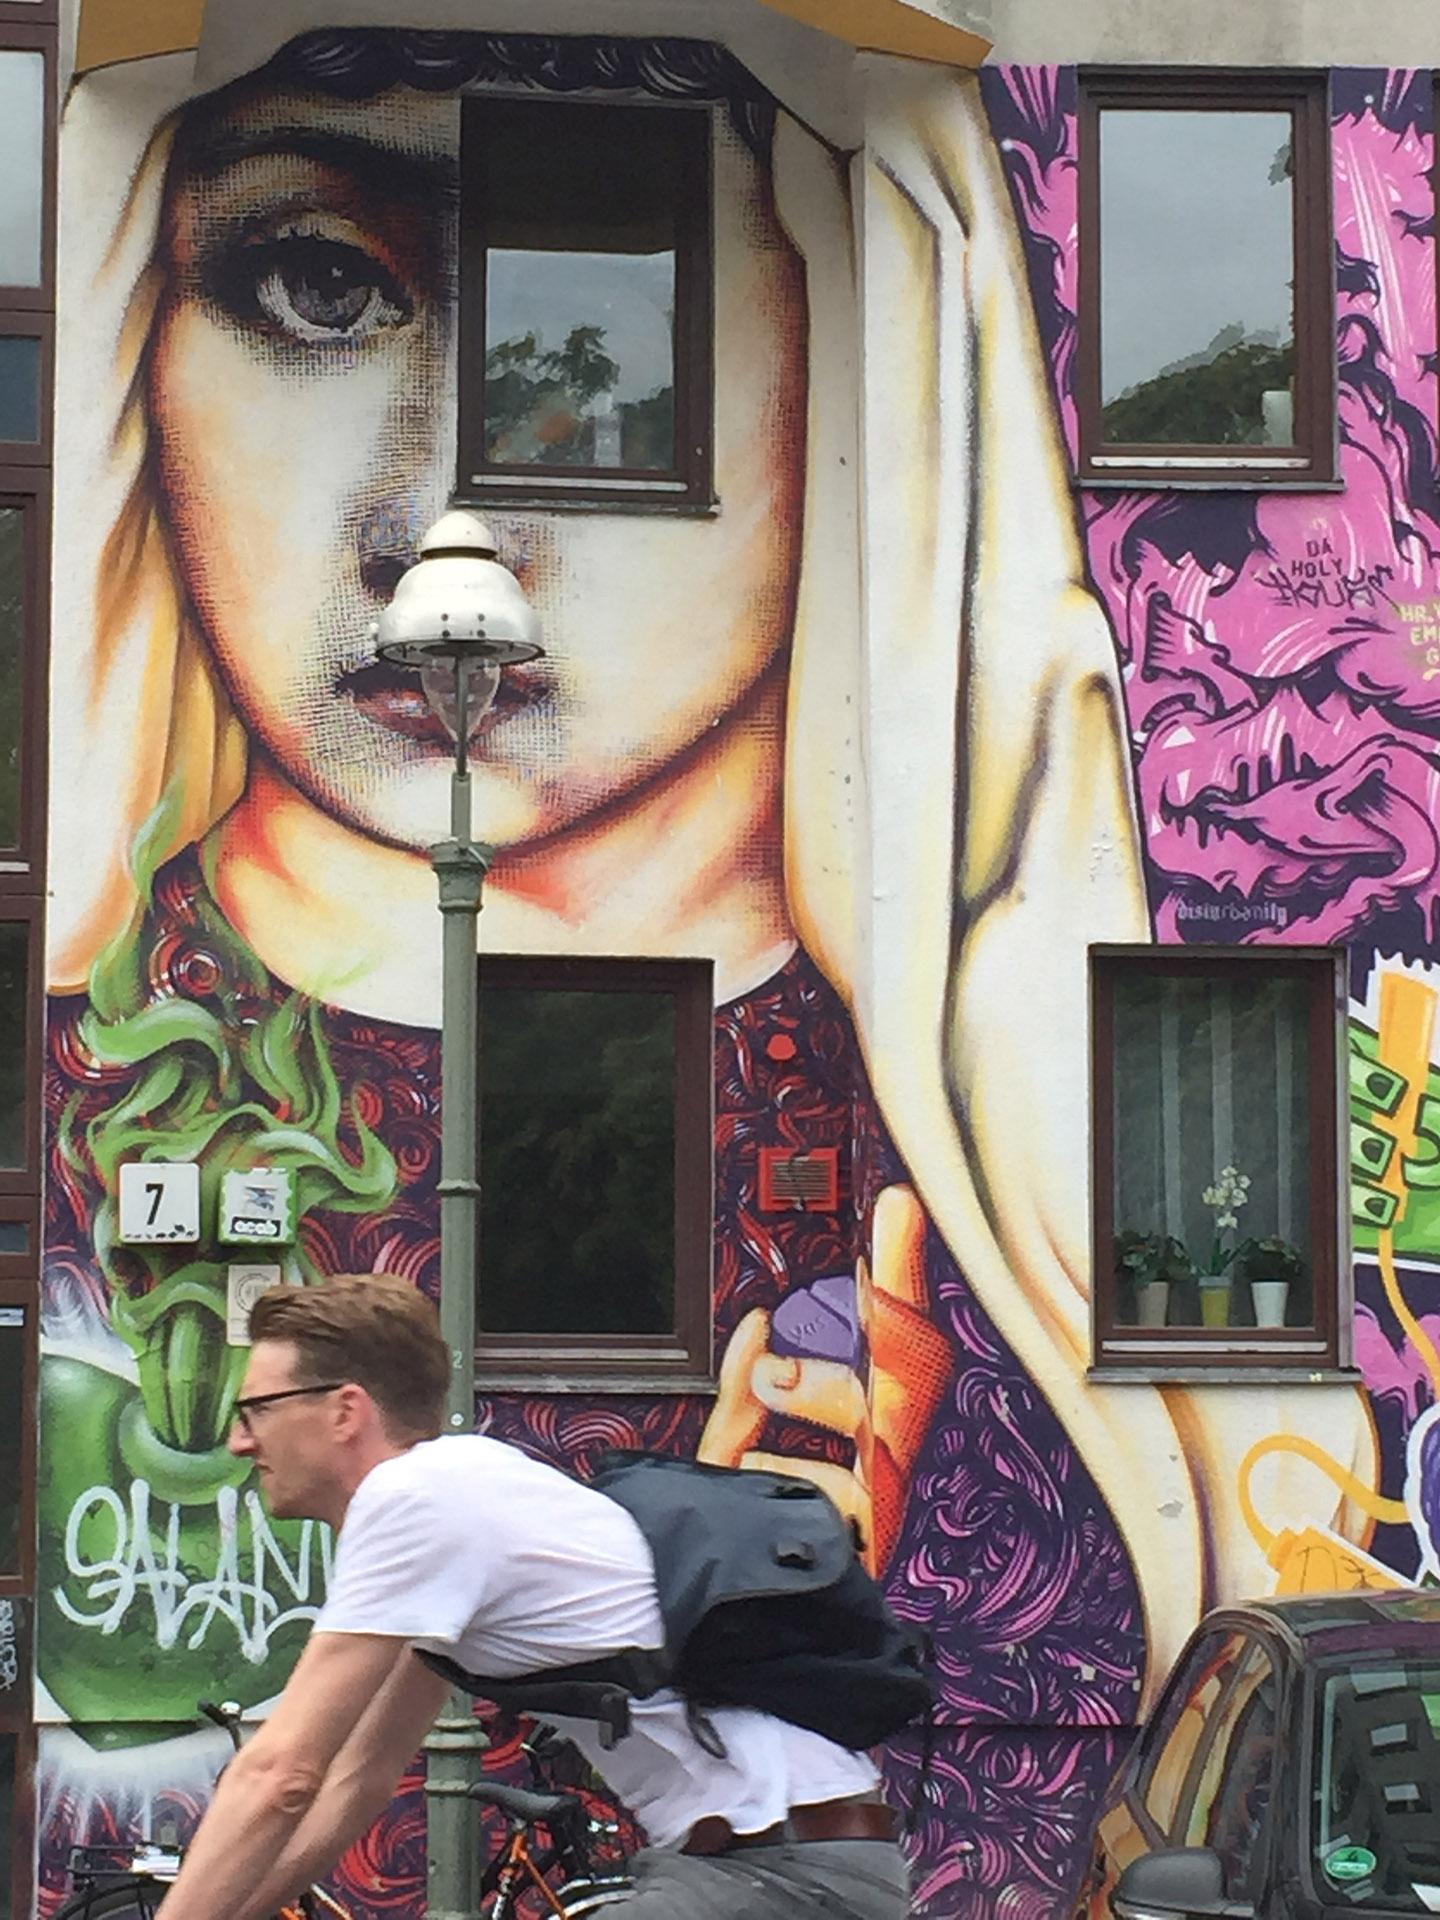 Berlin - July 22nd 2015